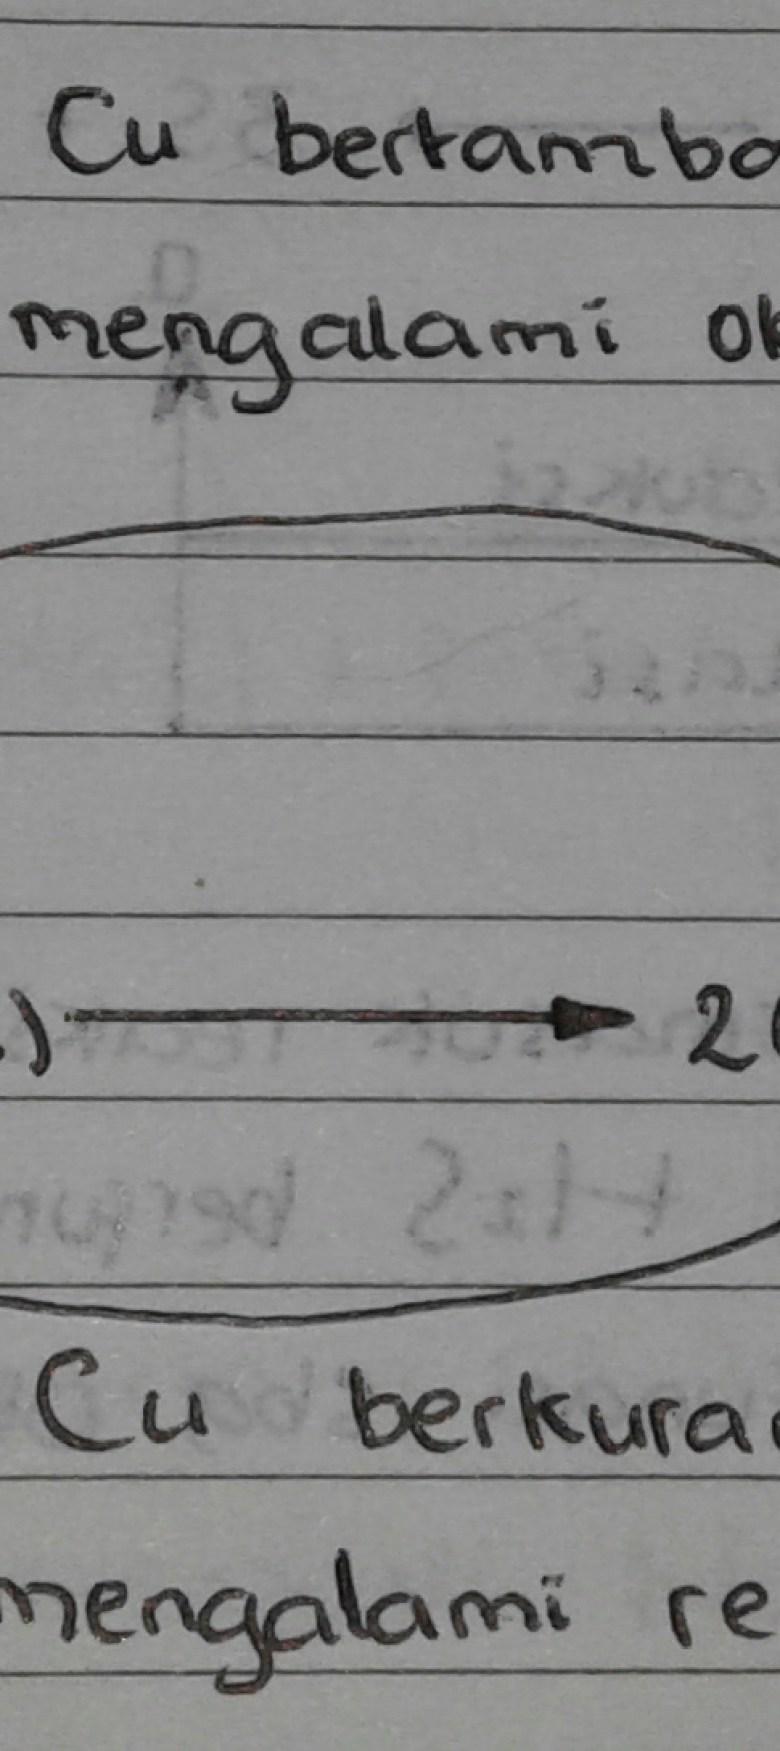 20171102_195422-1.jpg